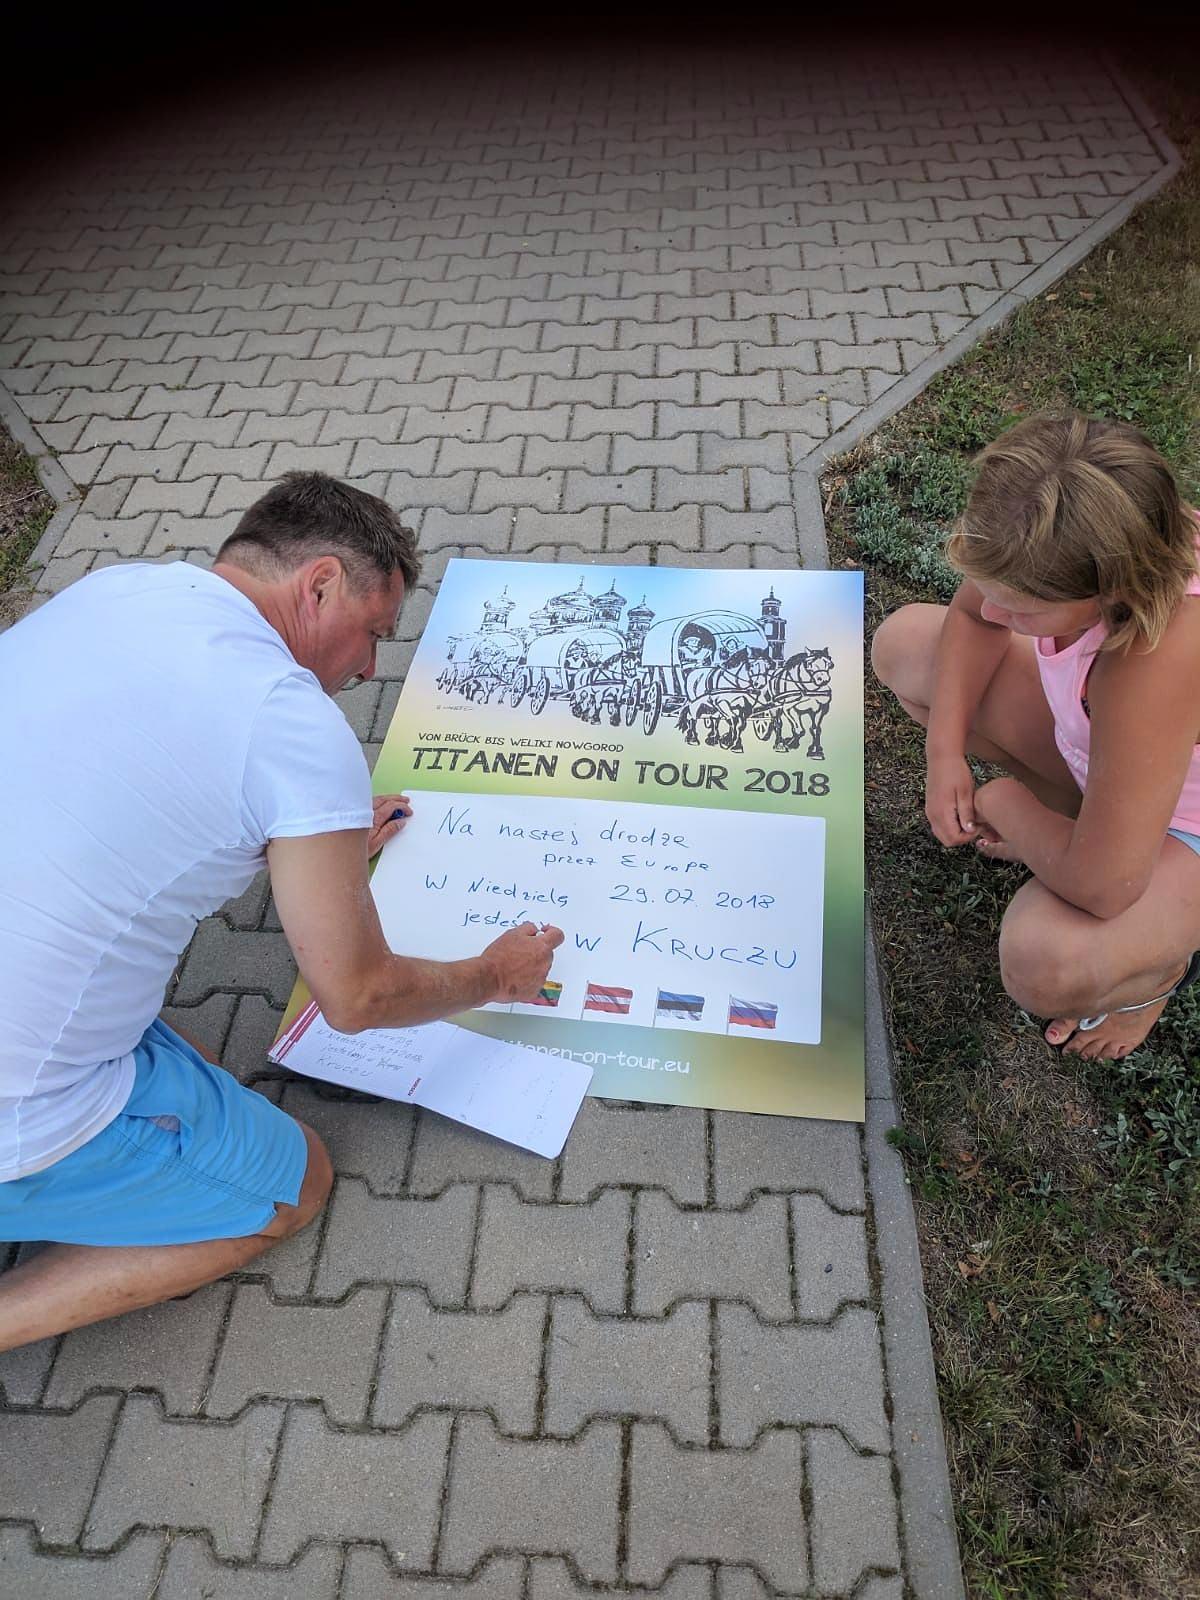 Anselm Franz mit Tochter beim Plakate malen auf der Tour unterwegs - Titanen on tour in Kaliningrad